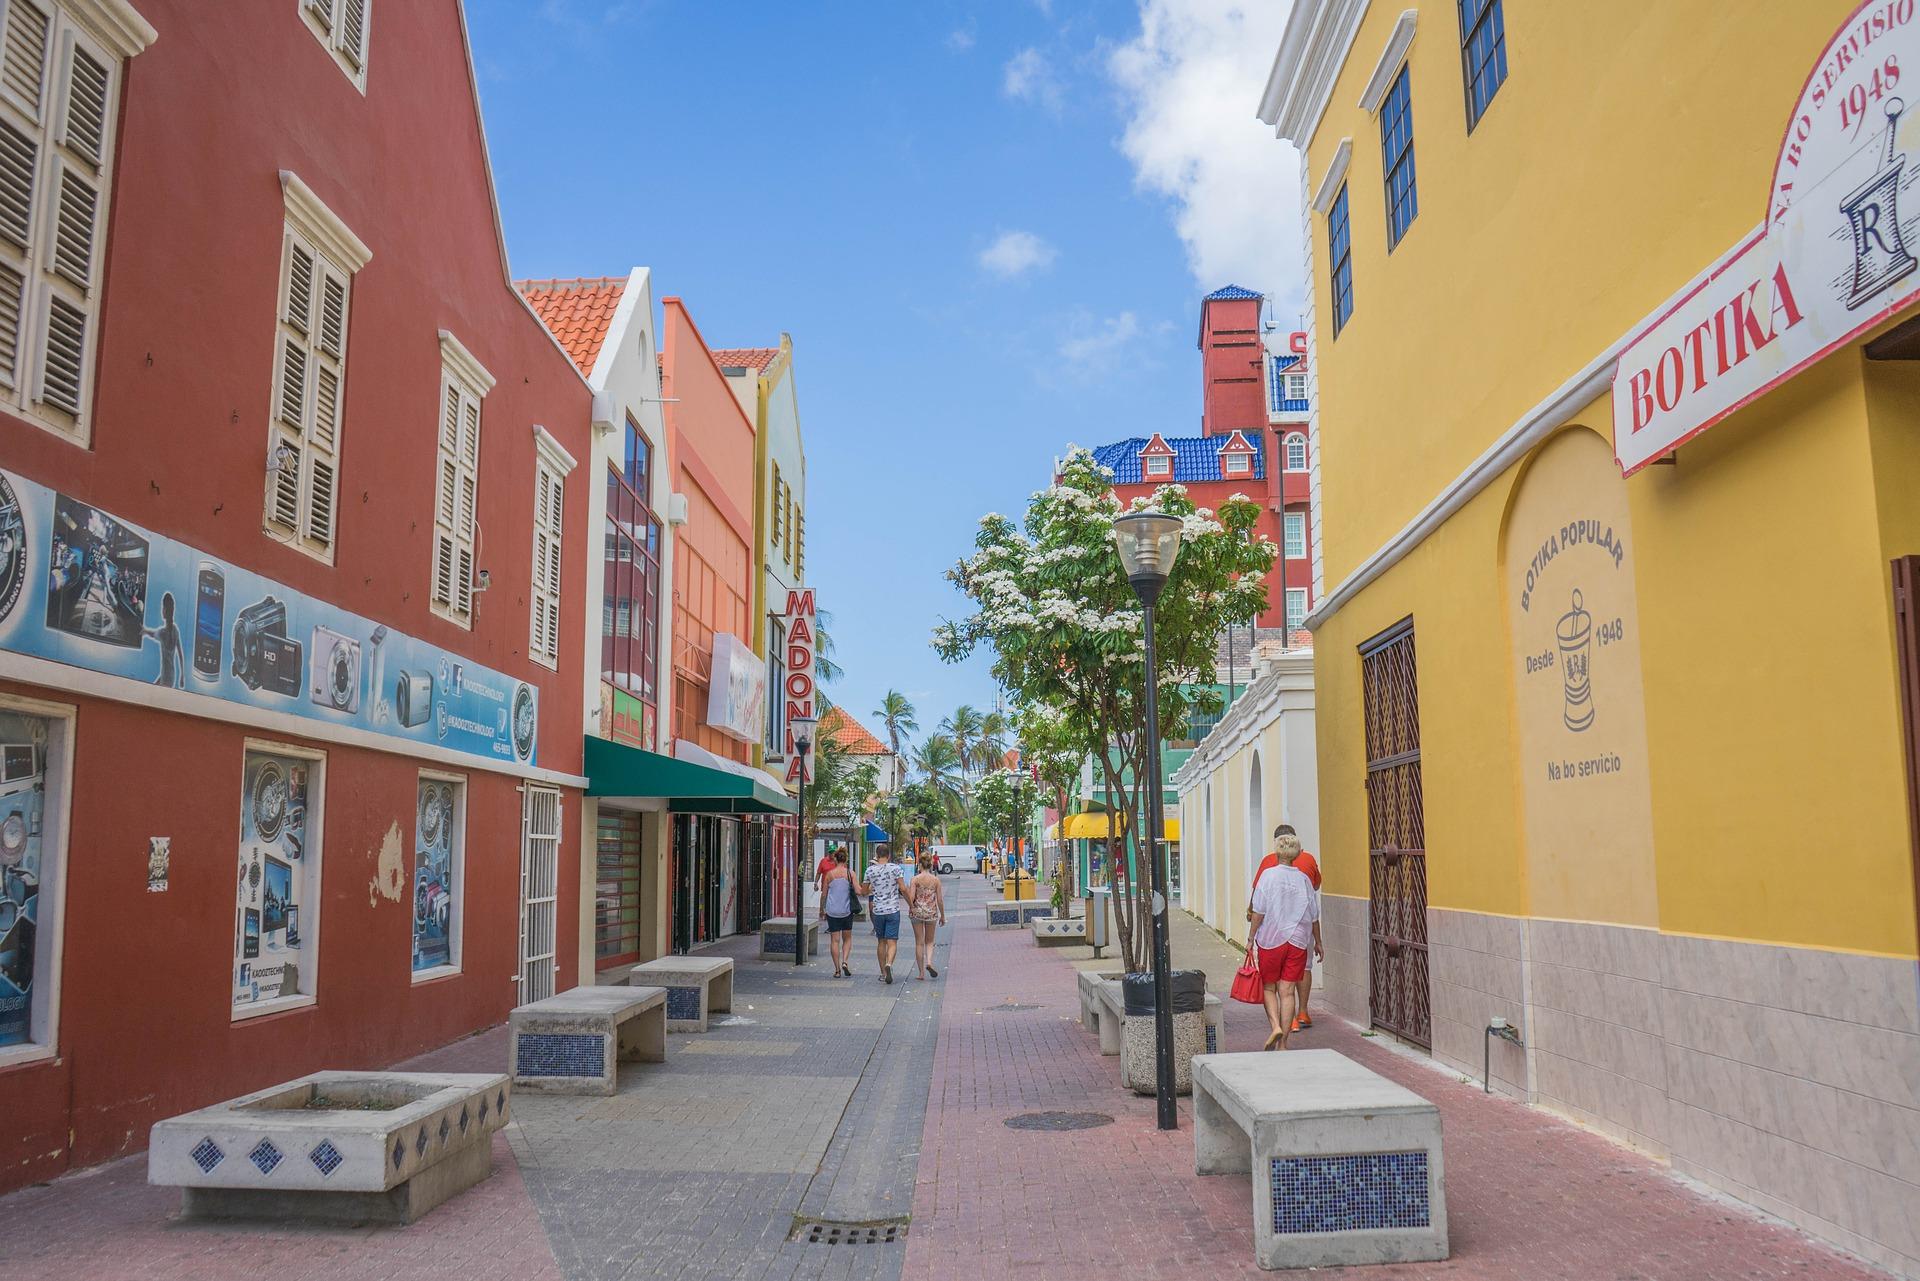 Curação, Caribbean